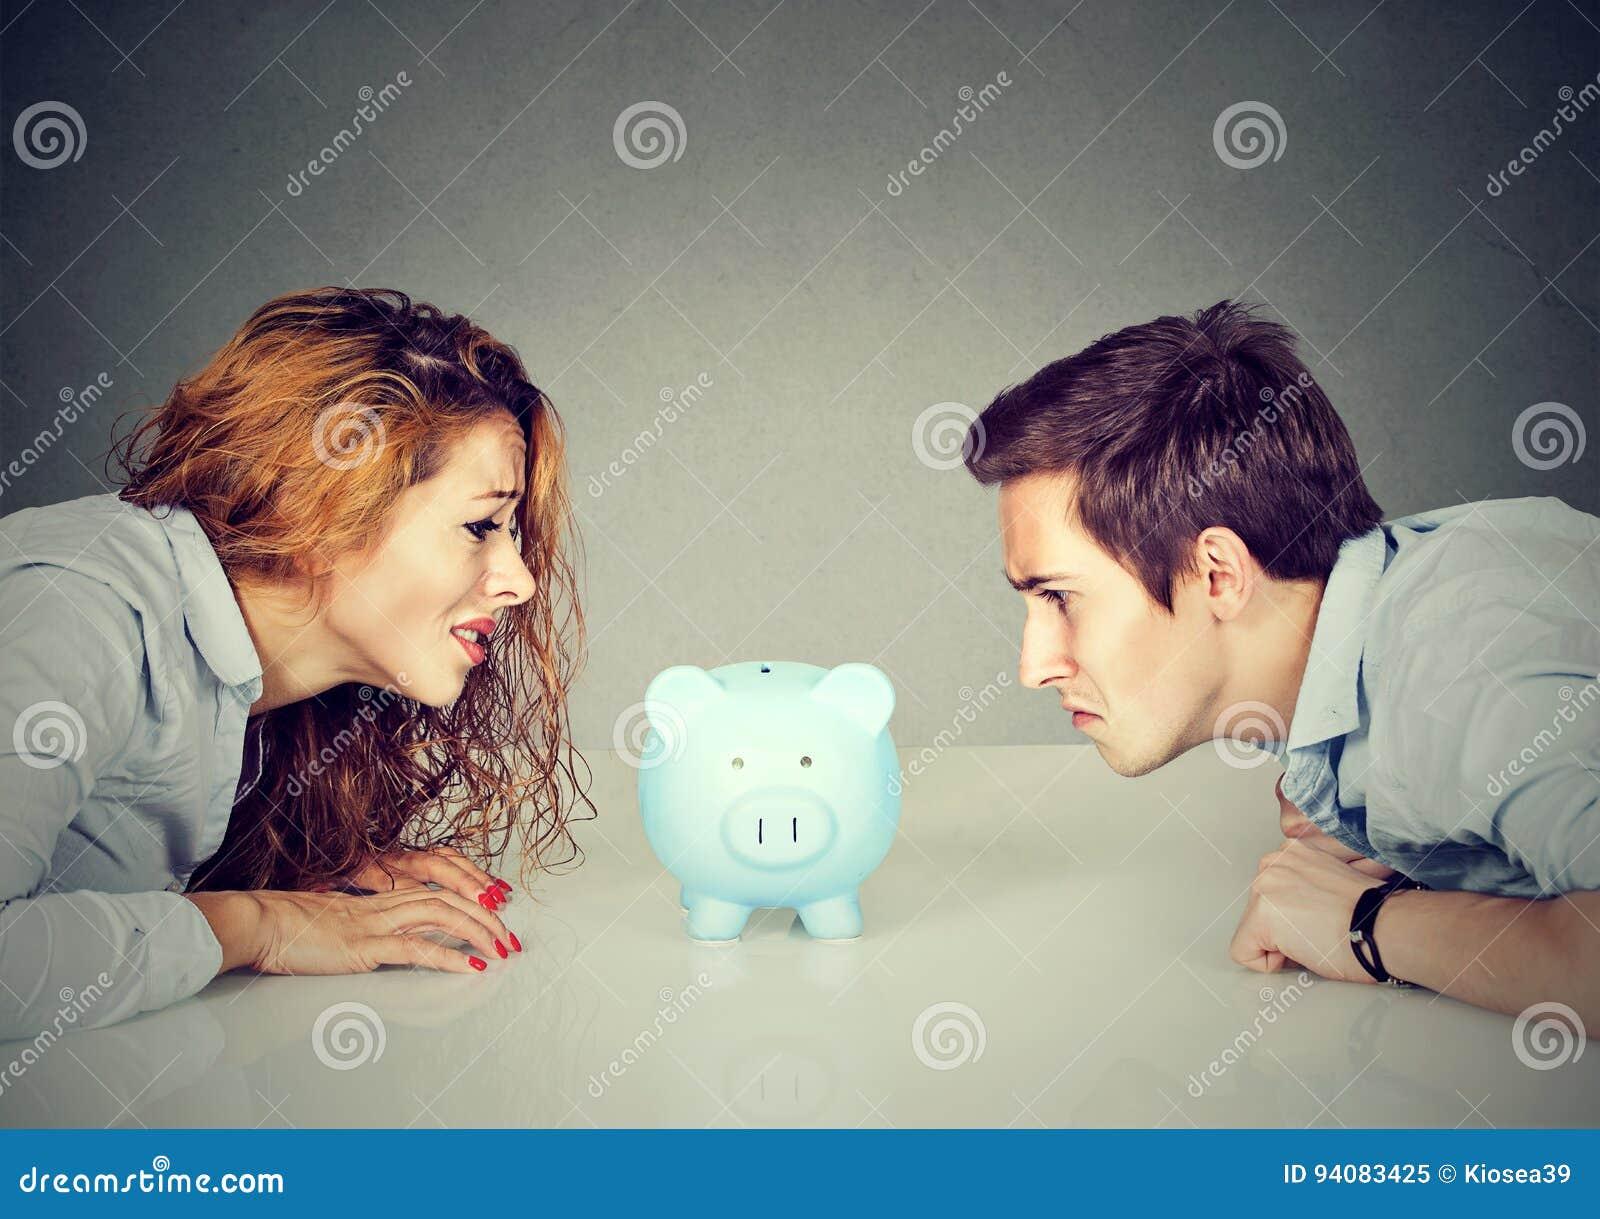 Πόροι χρηματοδότησης στην έννοια διαζυγίου Η σύζυγος και ο σύζυγος δεν μπορούν να κάνουν την τακτοποίηση εξετάζοντας τη piggy συν